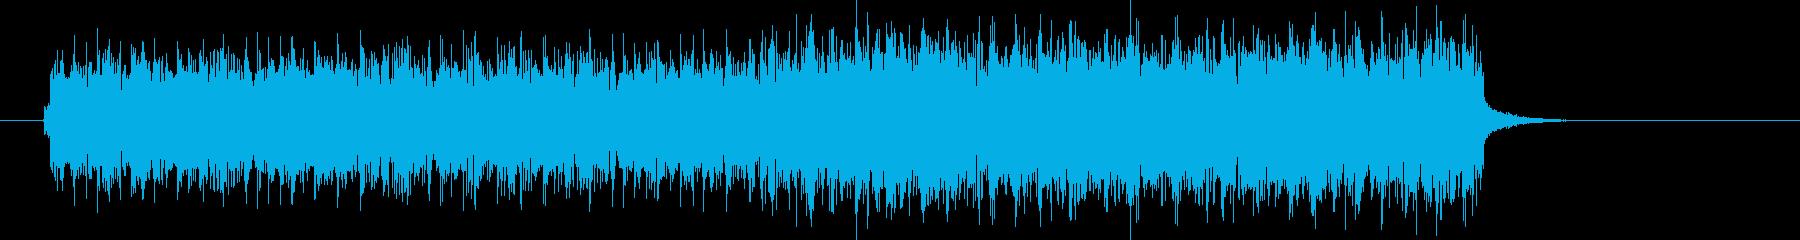 疾走感のあるベースラインのテクノポップの再生済みの波形